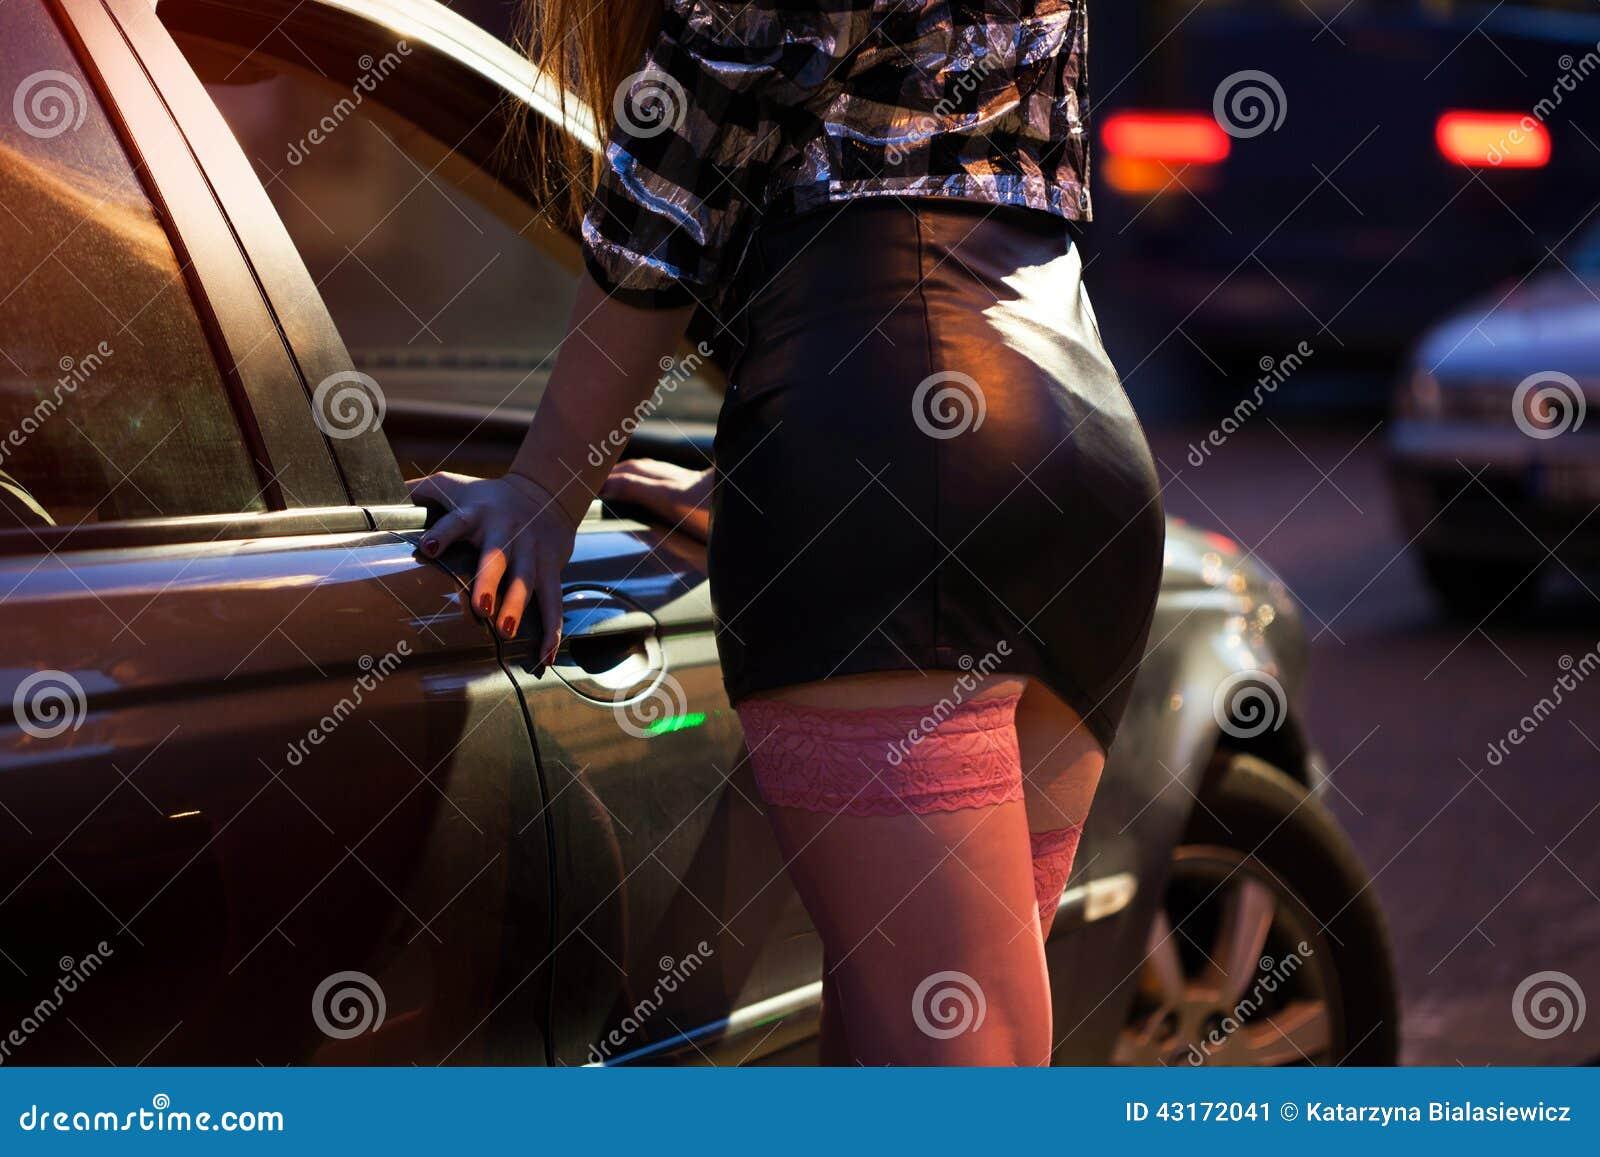 Фото шлюх на улицах, Снял на улице проститутку порно фото бесплатно на 42 фотография